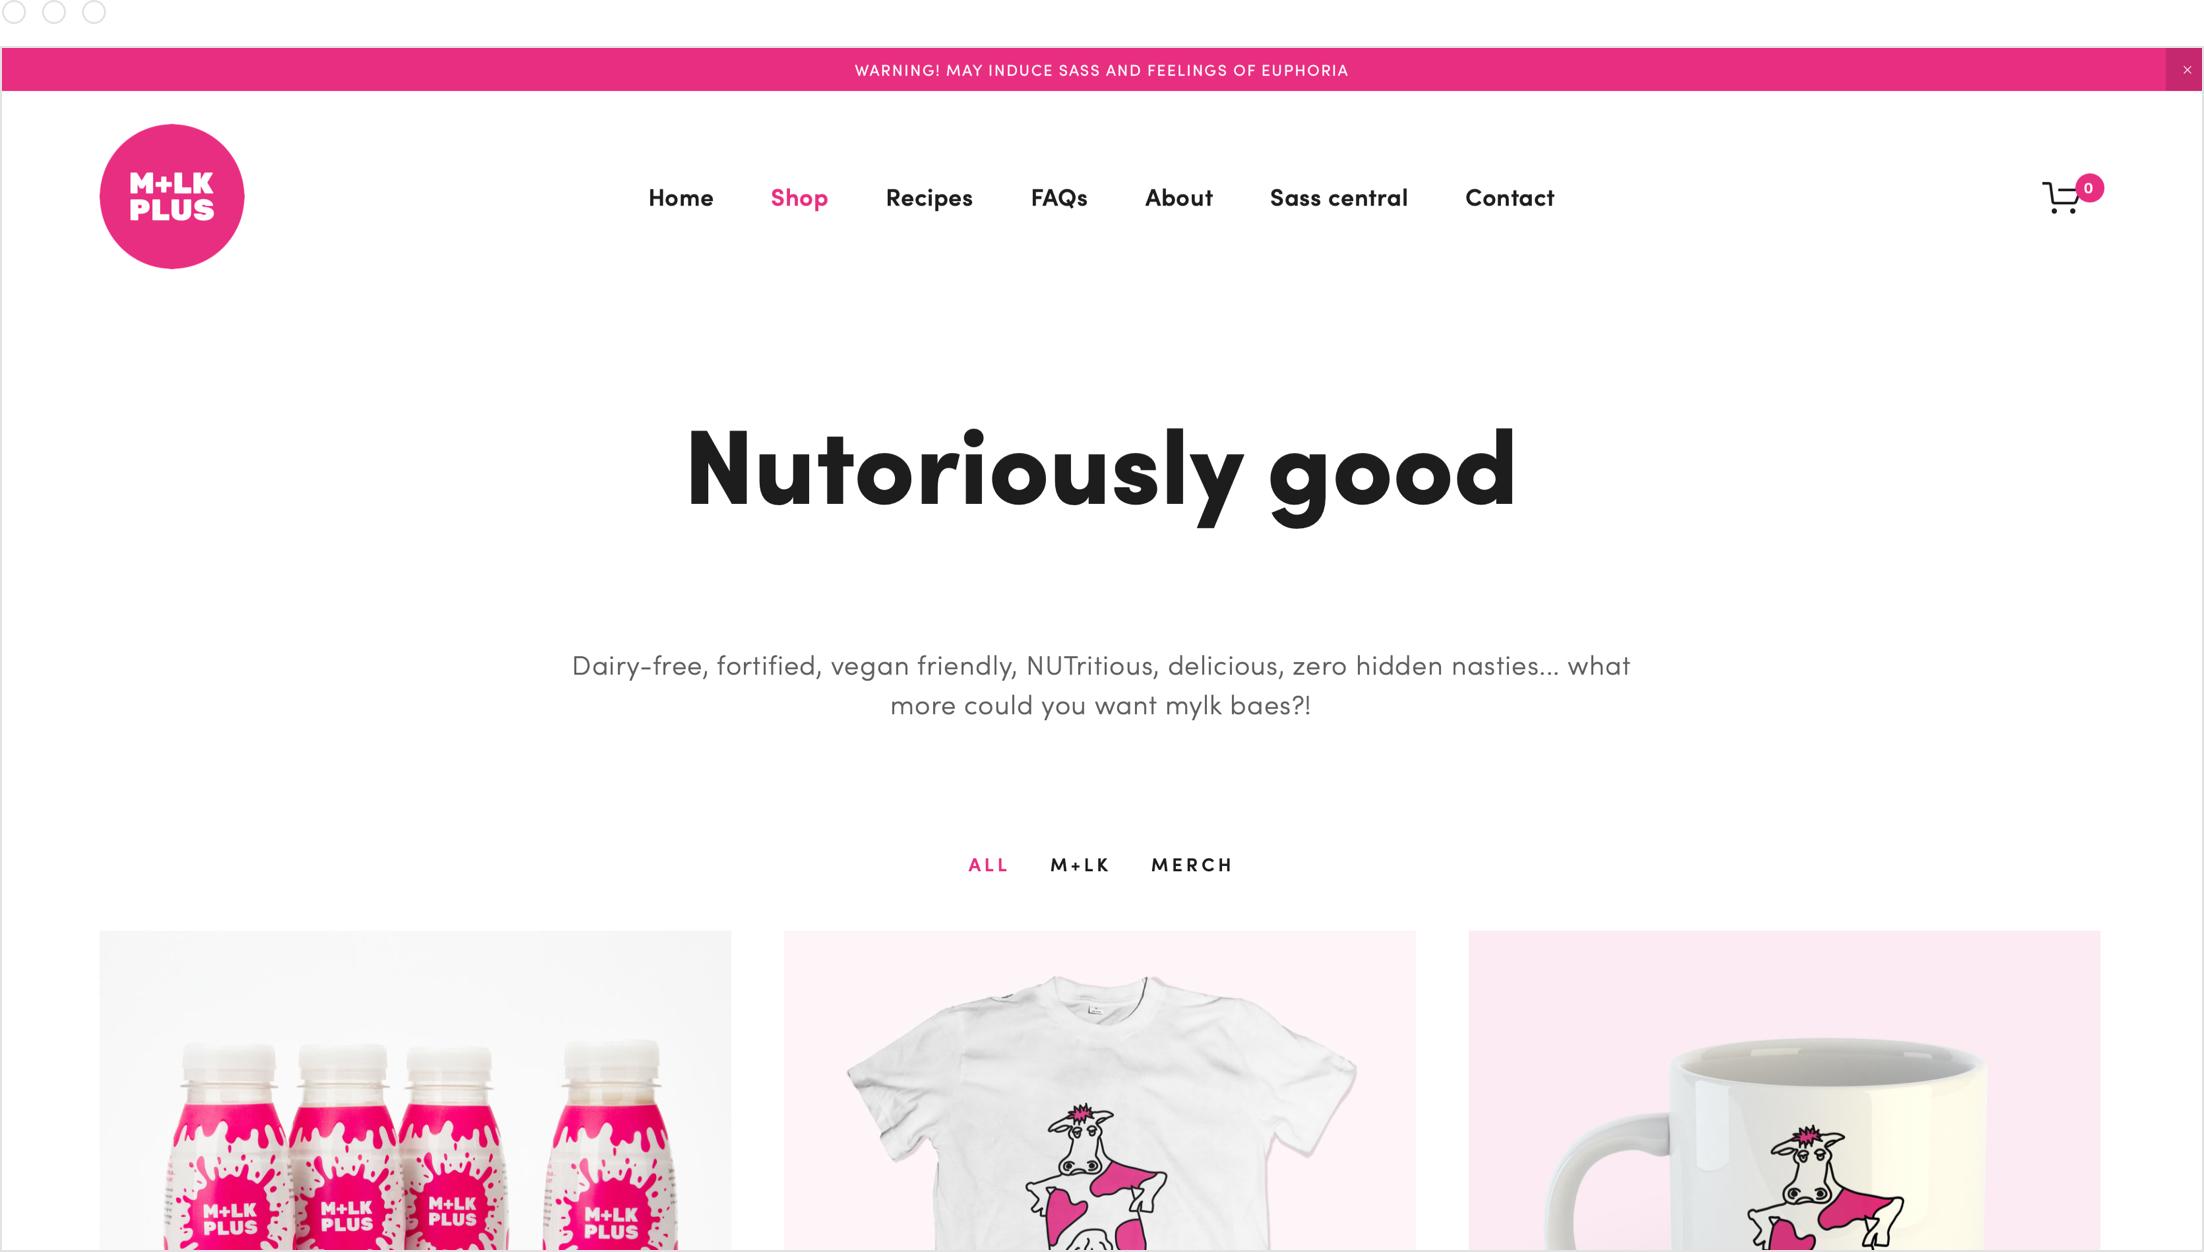 Website design by Jack Watkins for Camilla Ainsworth's nut milk brand, M+LKPLUS